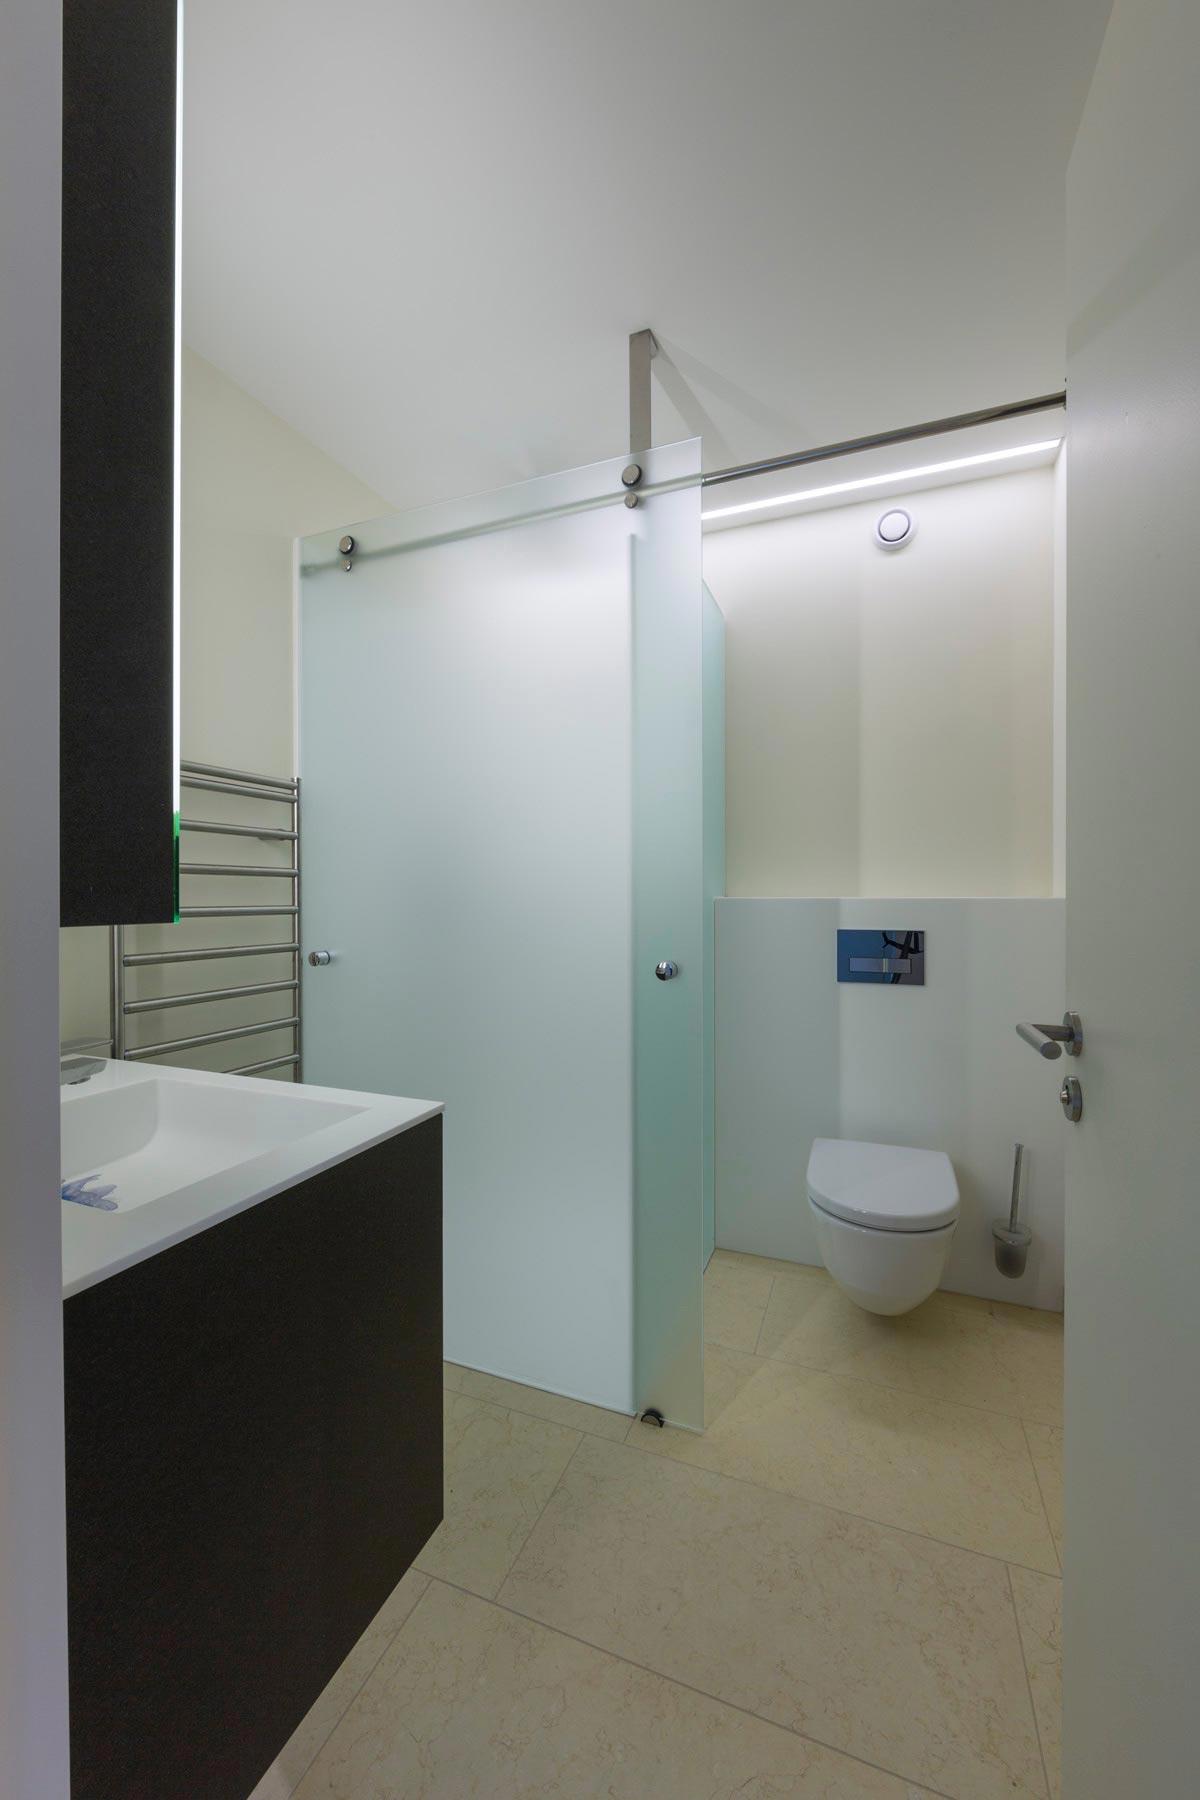 ES Man 5192 sb vtc 20 05 023 - Lilo 1 Une salle de bain coulissante